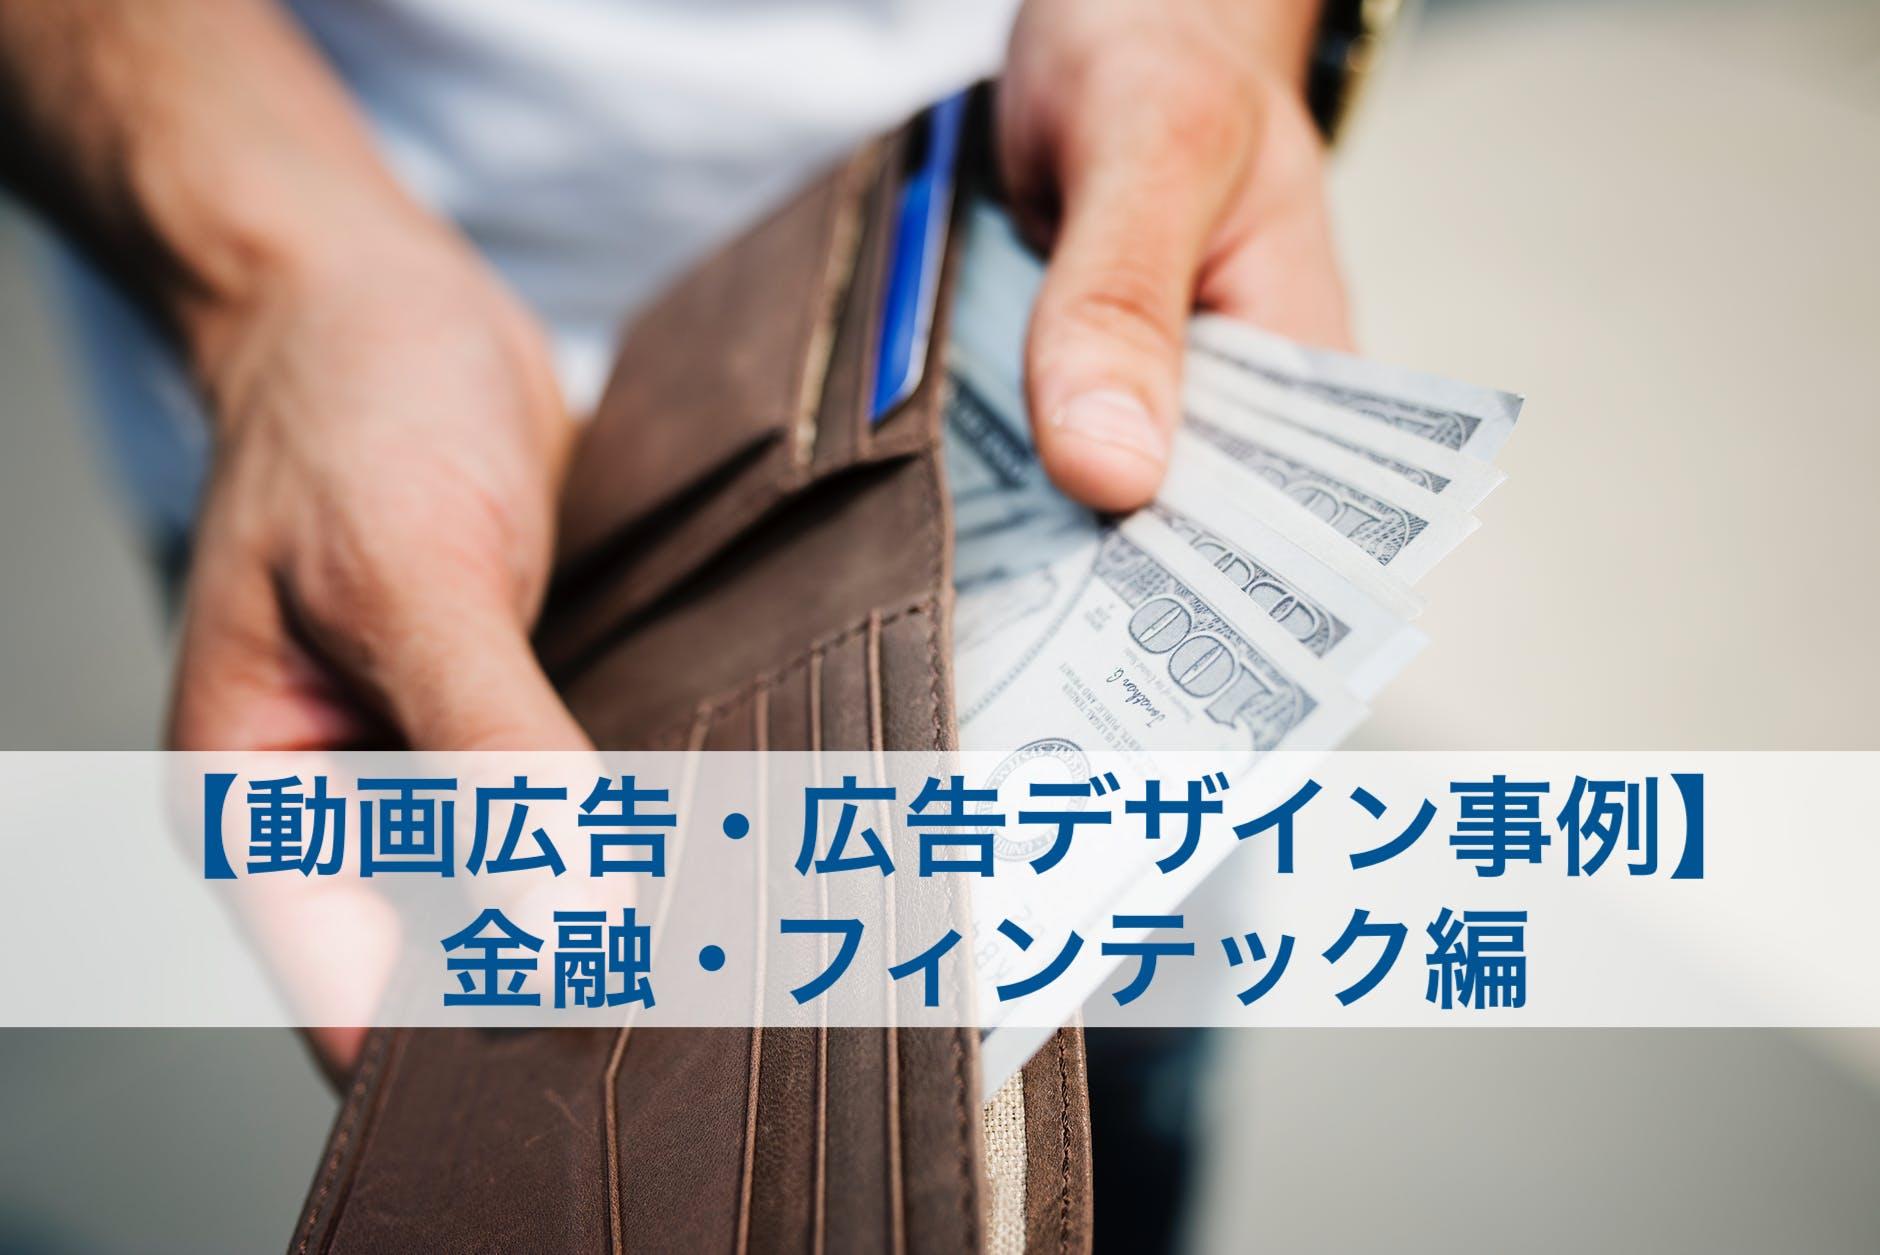 【動画広告・広告デザイン事例】金融・フィンテック編